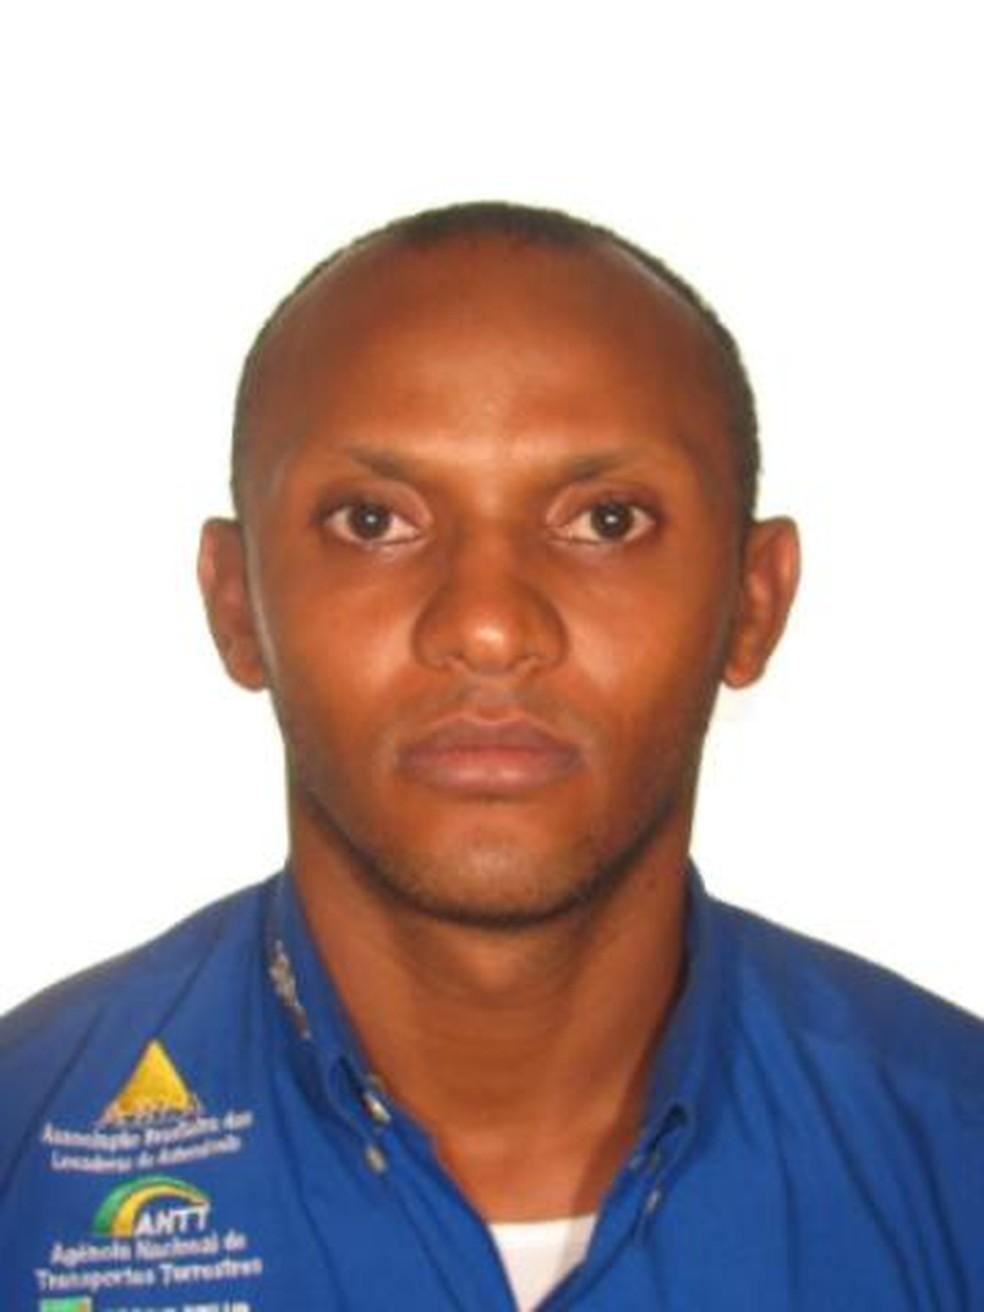 Policial militar Hamilton Caires Linhares, foi preso por suspeita de envolvimento no triplo assassinato no Maranhão — Foto: Divulgação/Polícia Militar